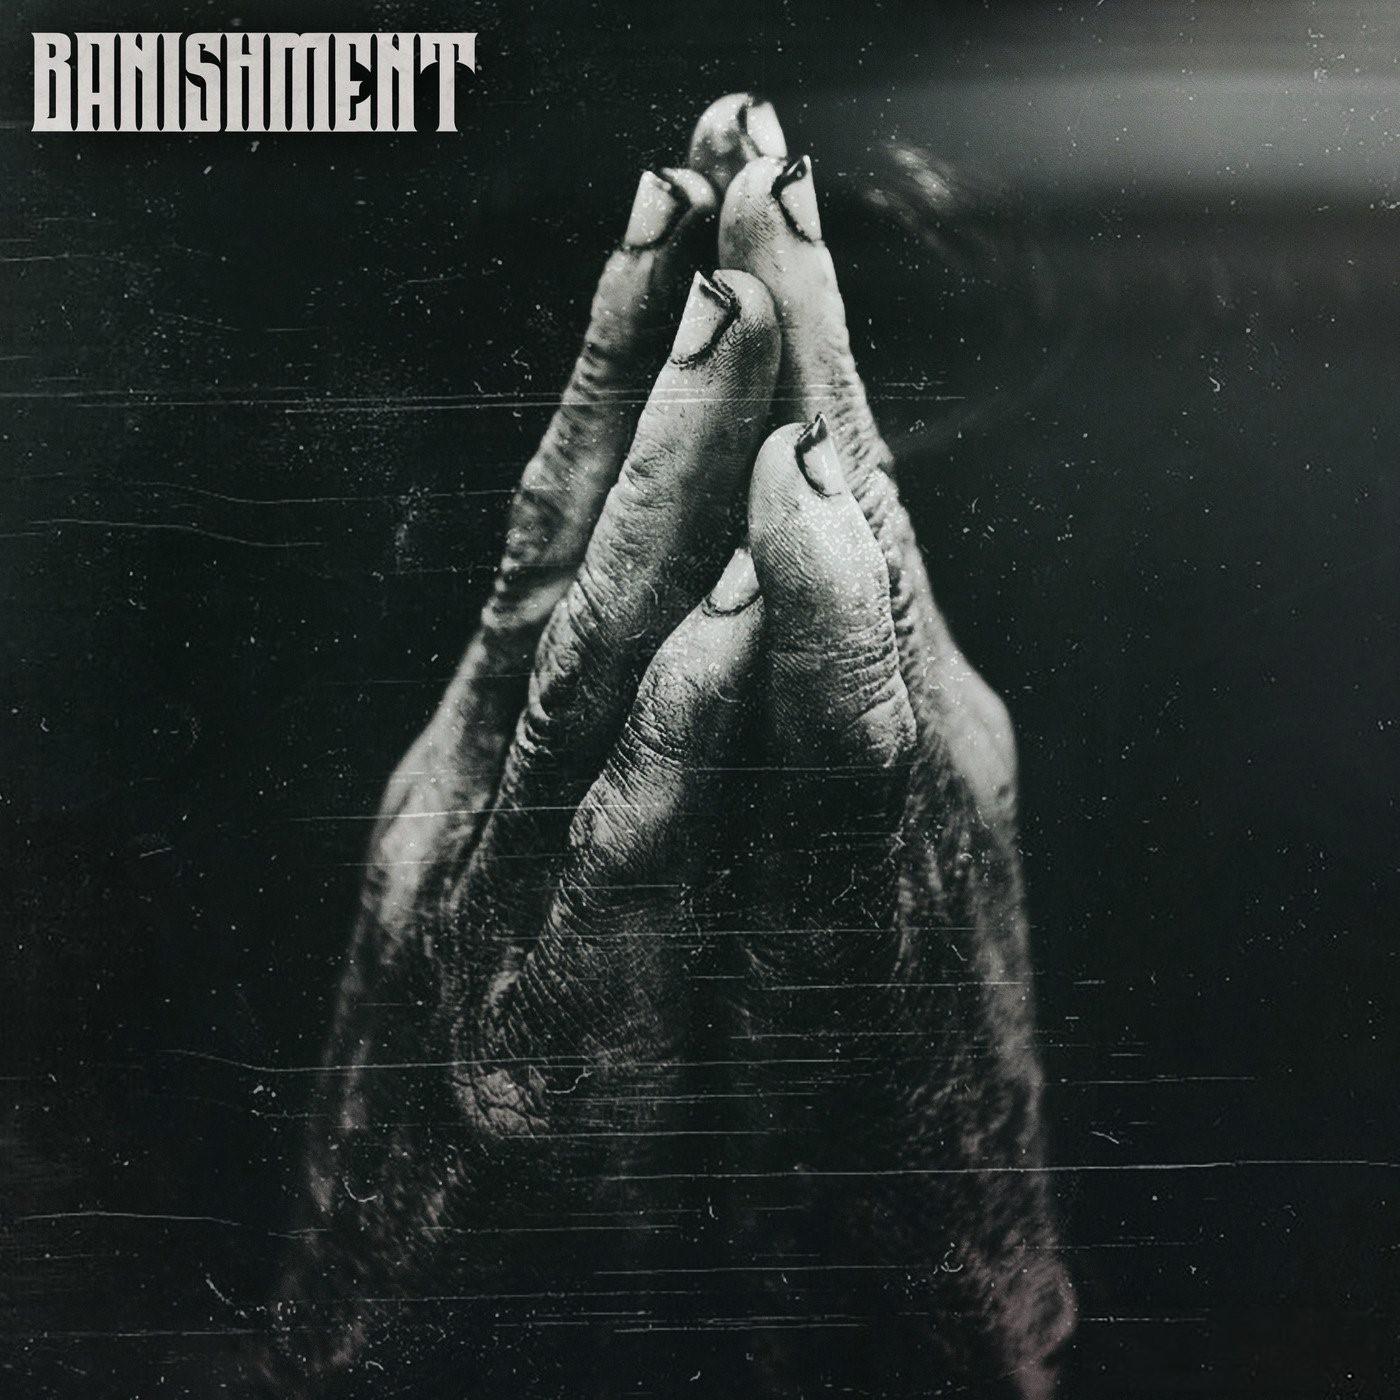 Banishment - Nothing Pure [single] (2019)